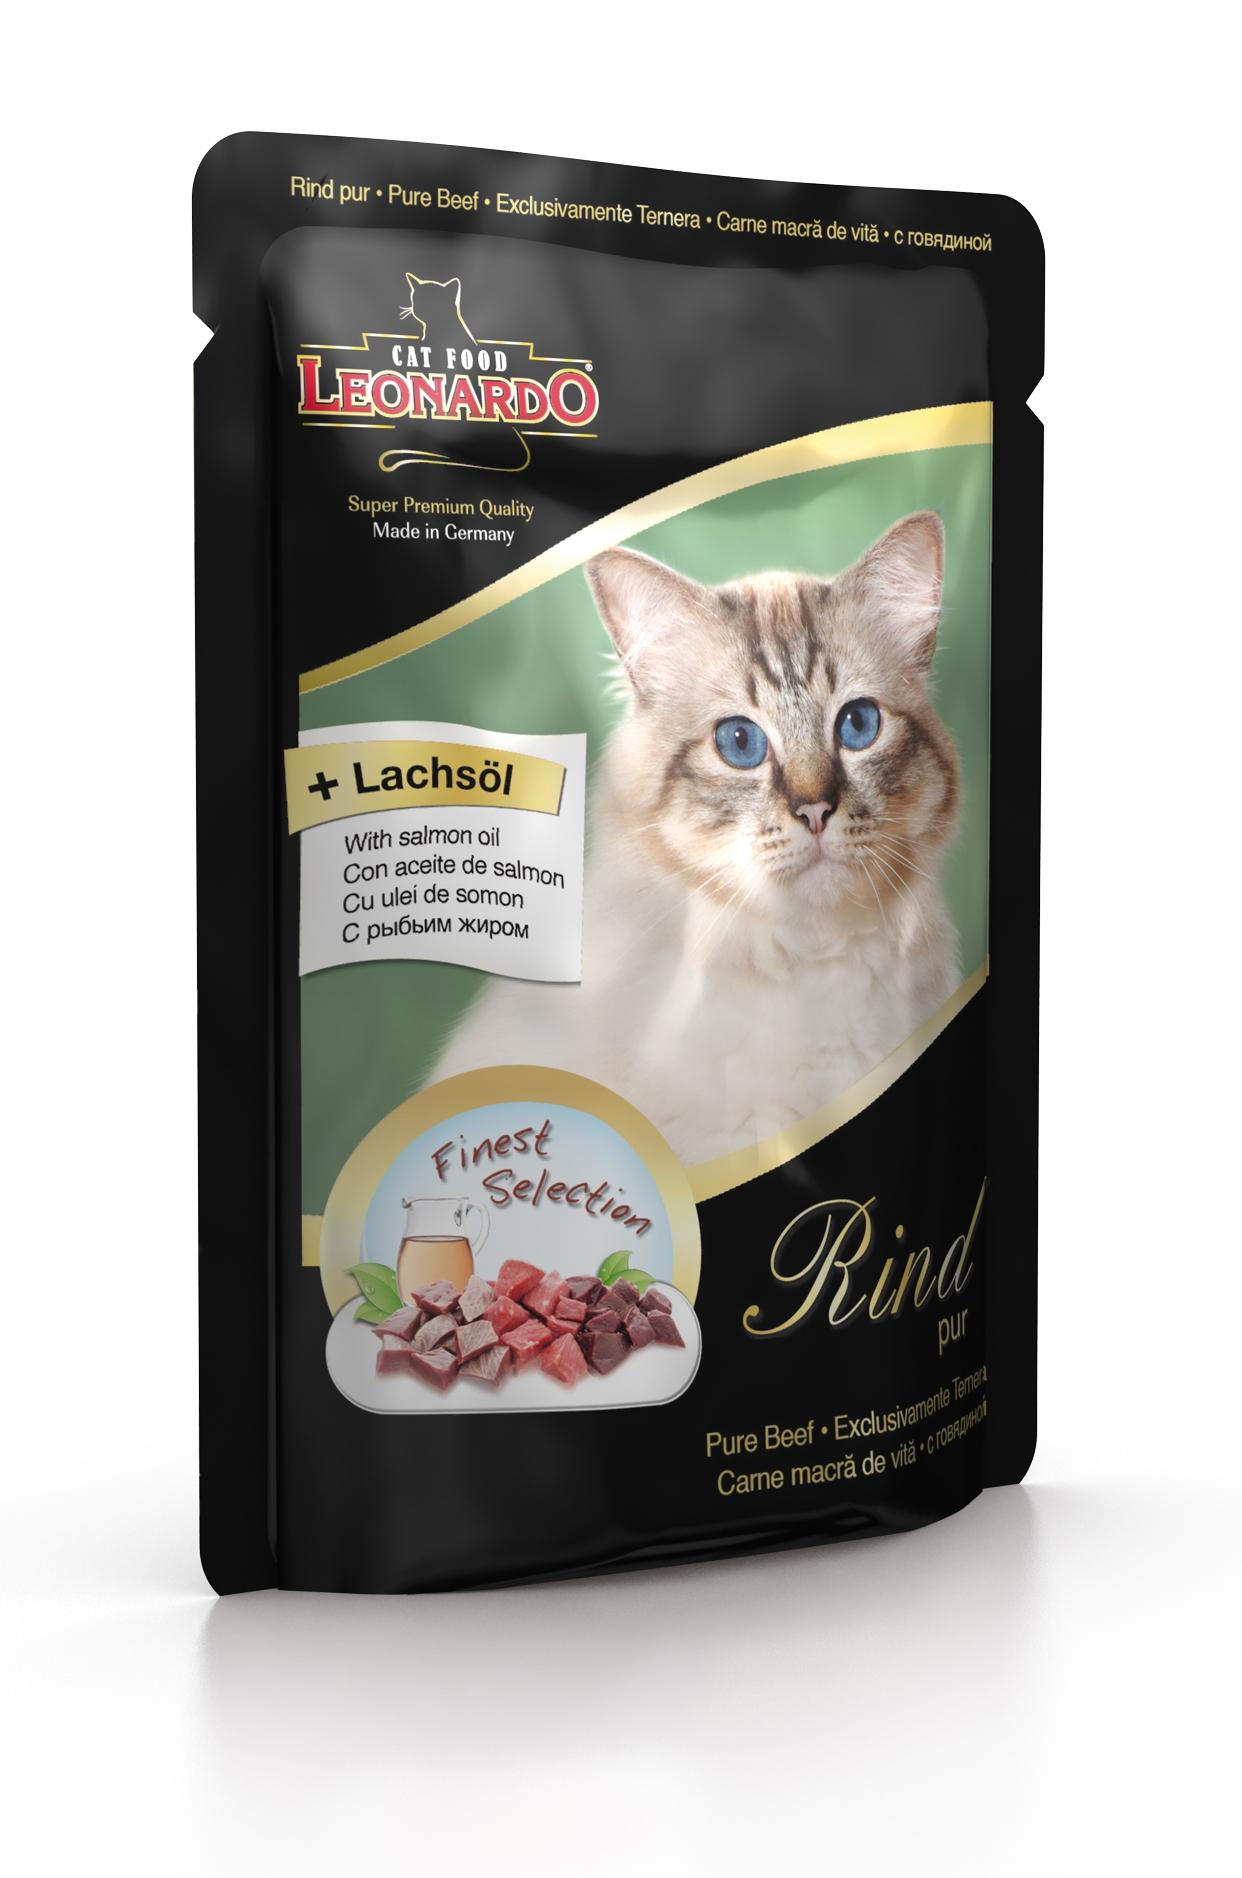 Консервы Leonardo для взрослых кошек, с говядиной, 85 г41870Консервы Leonardo - полноценное сбалансированное питание для взрослых кошек. Корм обладает высокой вкусовой привлекательностью и способен удовлетворить потребности любой кошки. Состав: говядина, сердце, легкие, печень, почки, рубец (70 %), говяжий бульон (29,6 %), рыбий жир (семейство лососевые) (0,2 %), карбонад кальция (0,2 %). Анализ: влажность 81%, протеин 10,6%, жир 5,9%, зола 1,6%, клетчатка 0,3%. Добавки на кг: витамин А - 3000 ME, витамин D3 - 200 ME, витамин Е - 30 МЕ, таурин - 1500 мг, марганец - 3 мг, цинк - 15 мг, йод - 0,75 мг, селен - 0,03 мг. Товар сертифицирован.